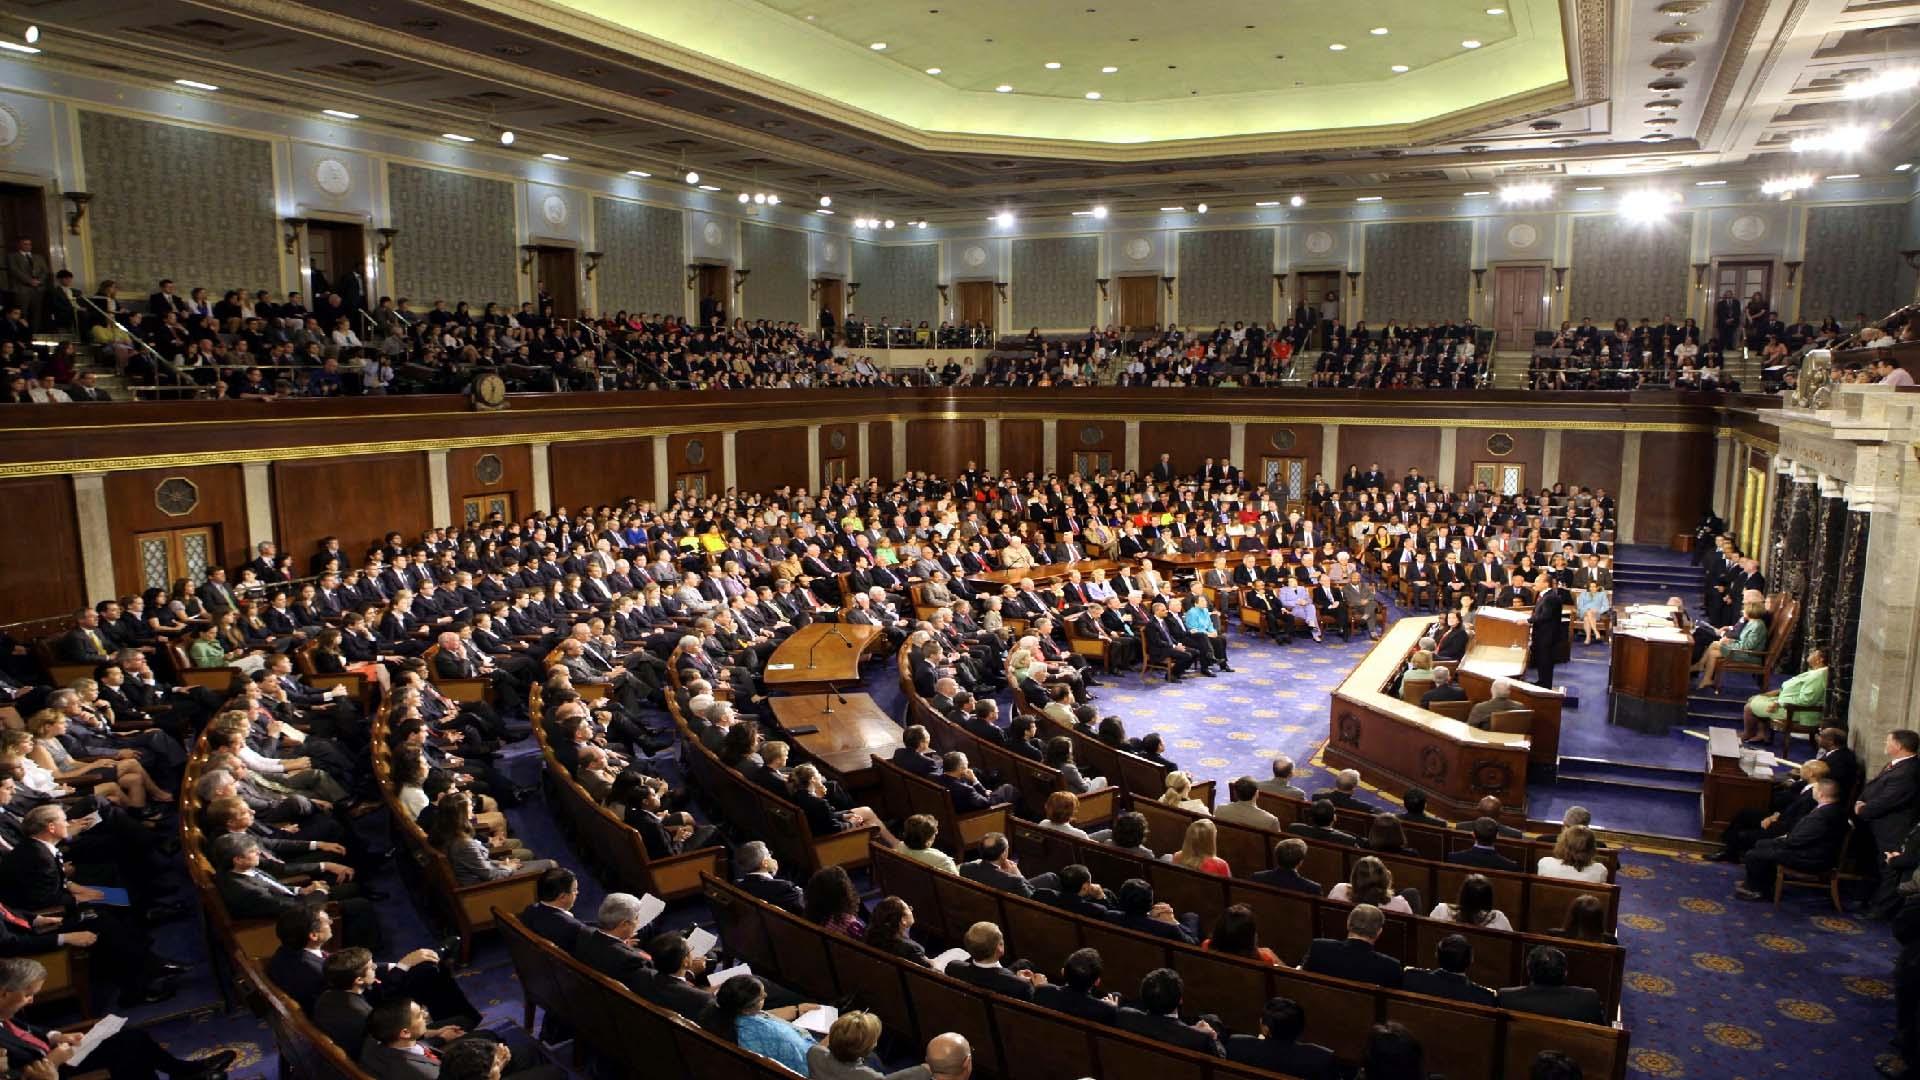 Se propone regular el control fiscal en la nación la cual debe 70 mil millones de dólares